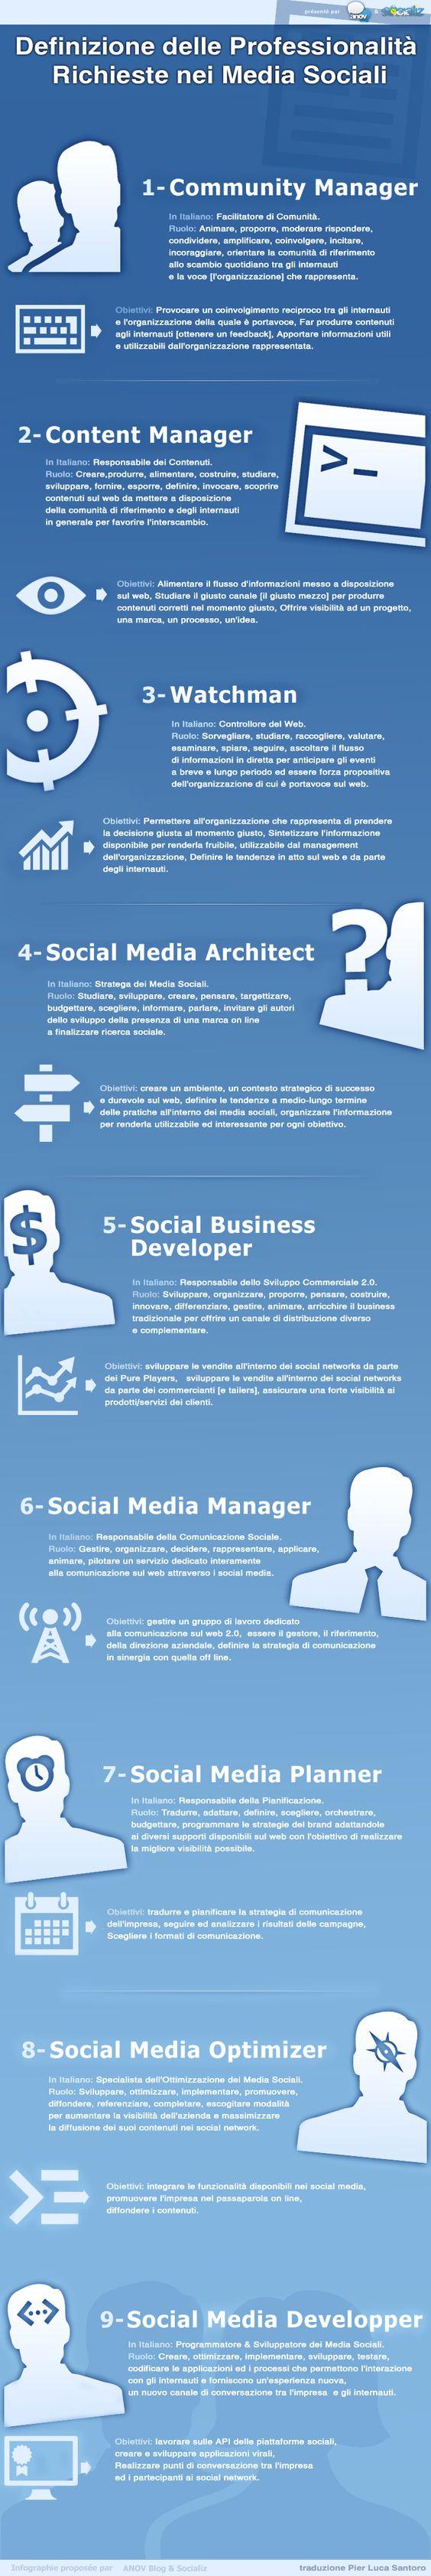 Quali sono le professionalità richieste dai social media?